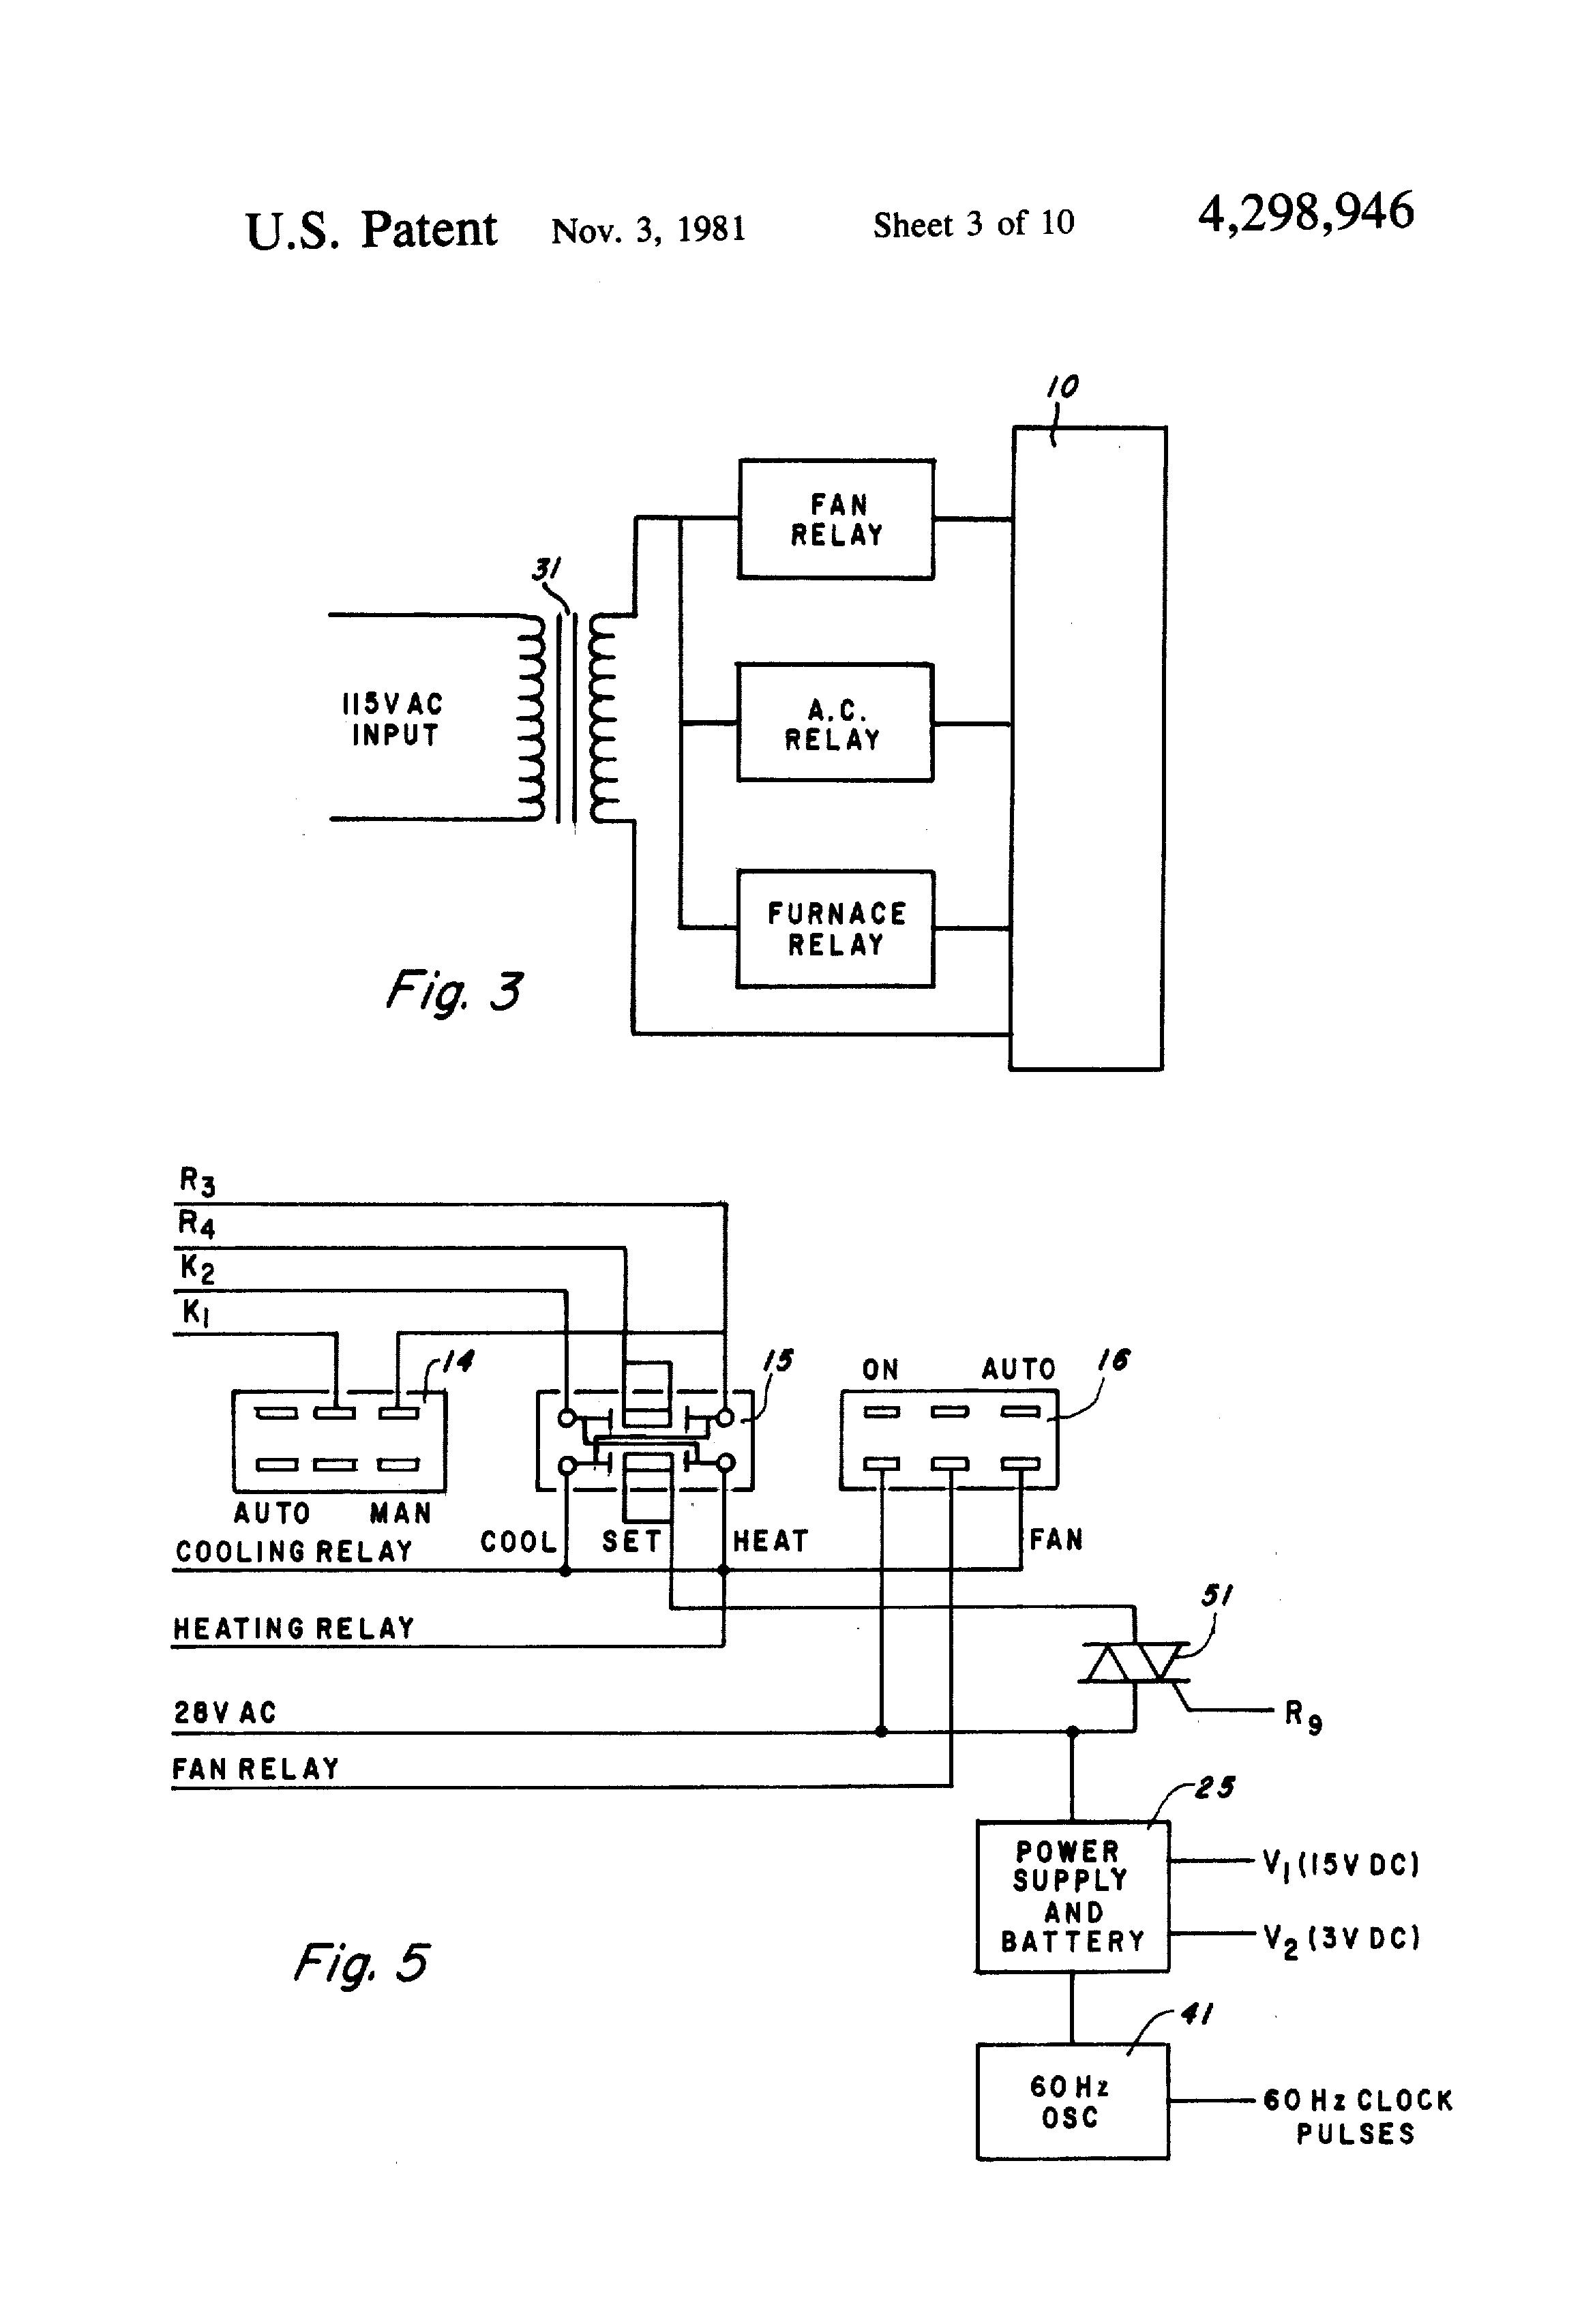 Parrot Ck3100 Wiring Diagram Likewise Parrot Ck3100 Wiring Diagram As